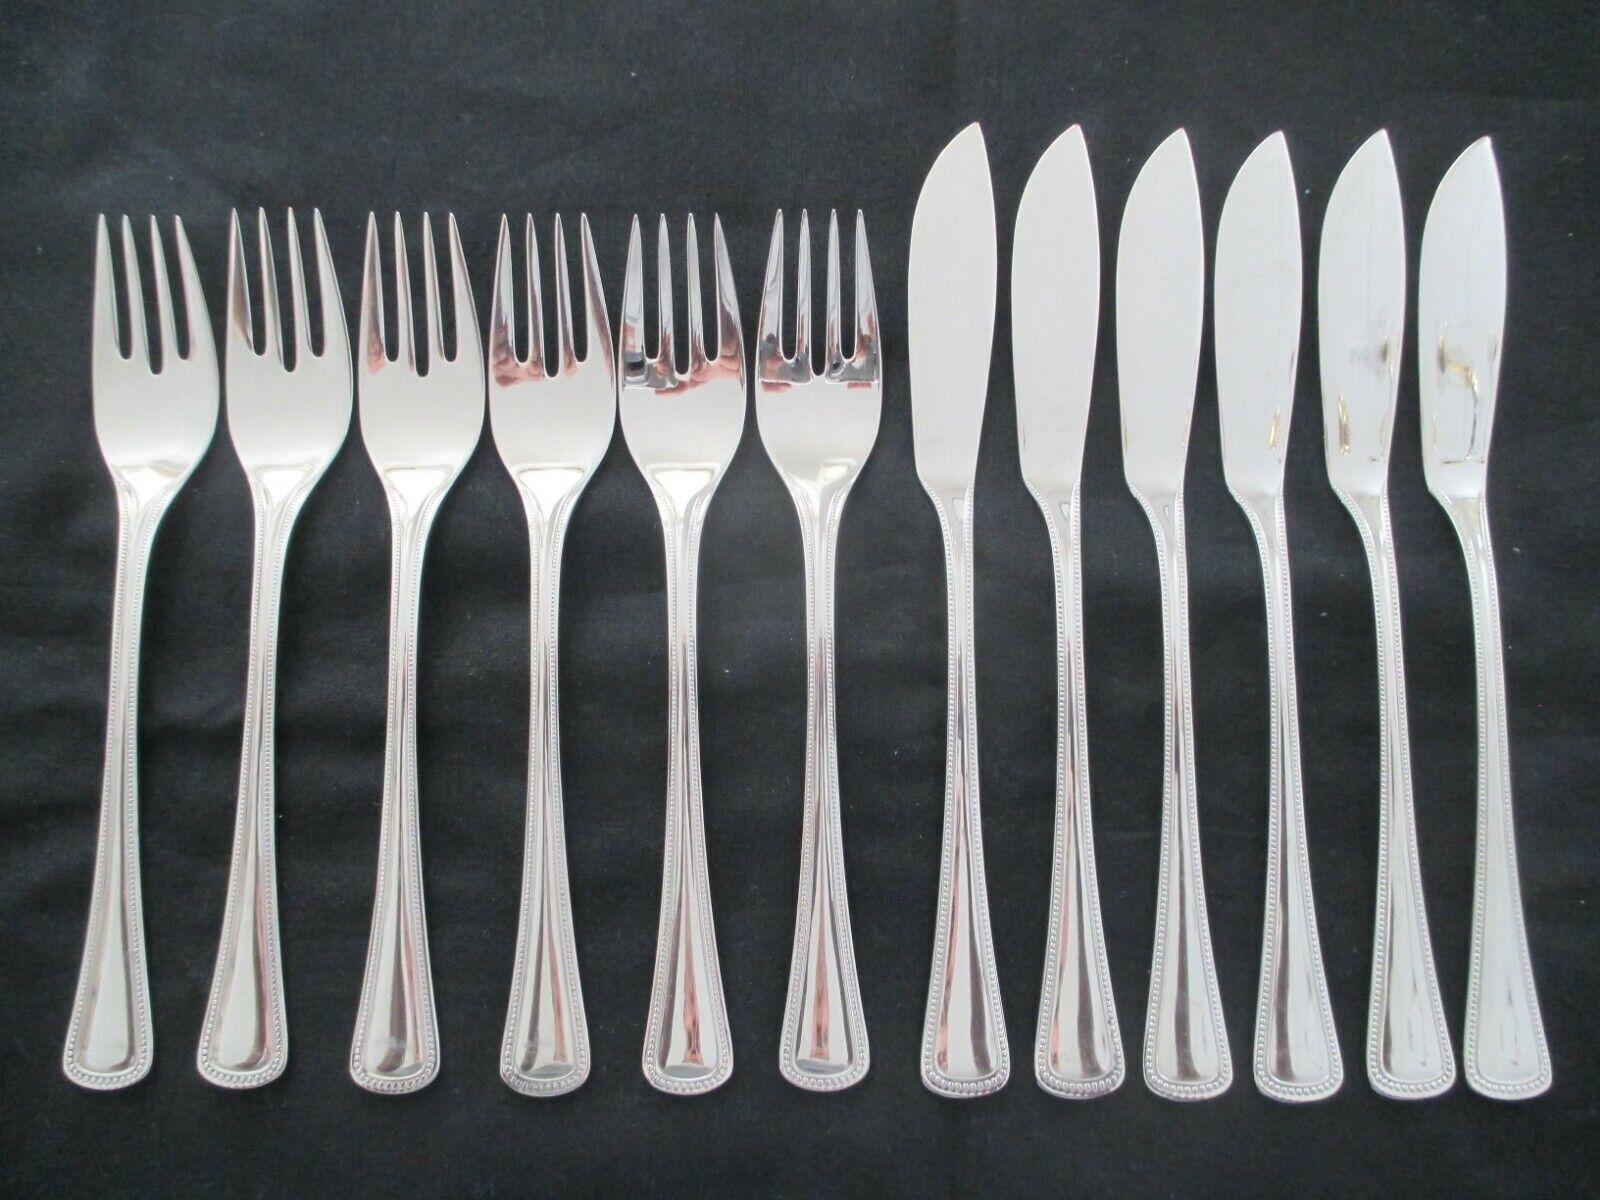 WMF La Haye Cromargan poisson couverts 6 POISSON Couteau + 6 Poisson fourche 12 pièces TOP